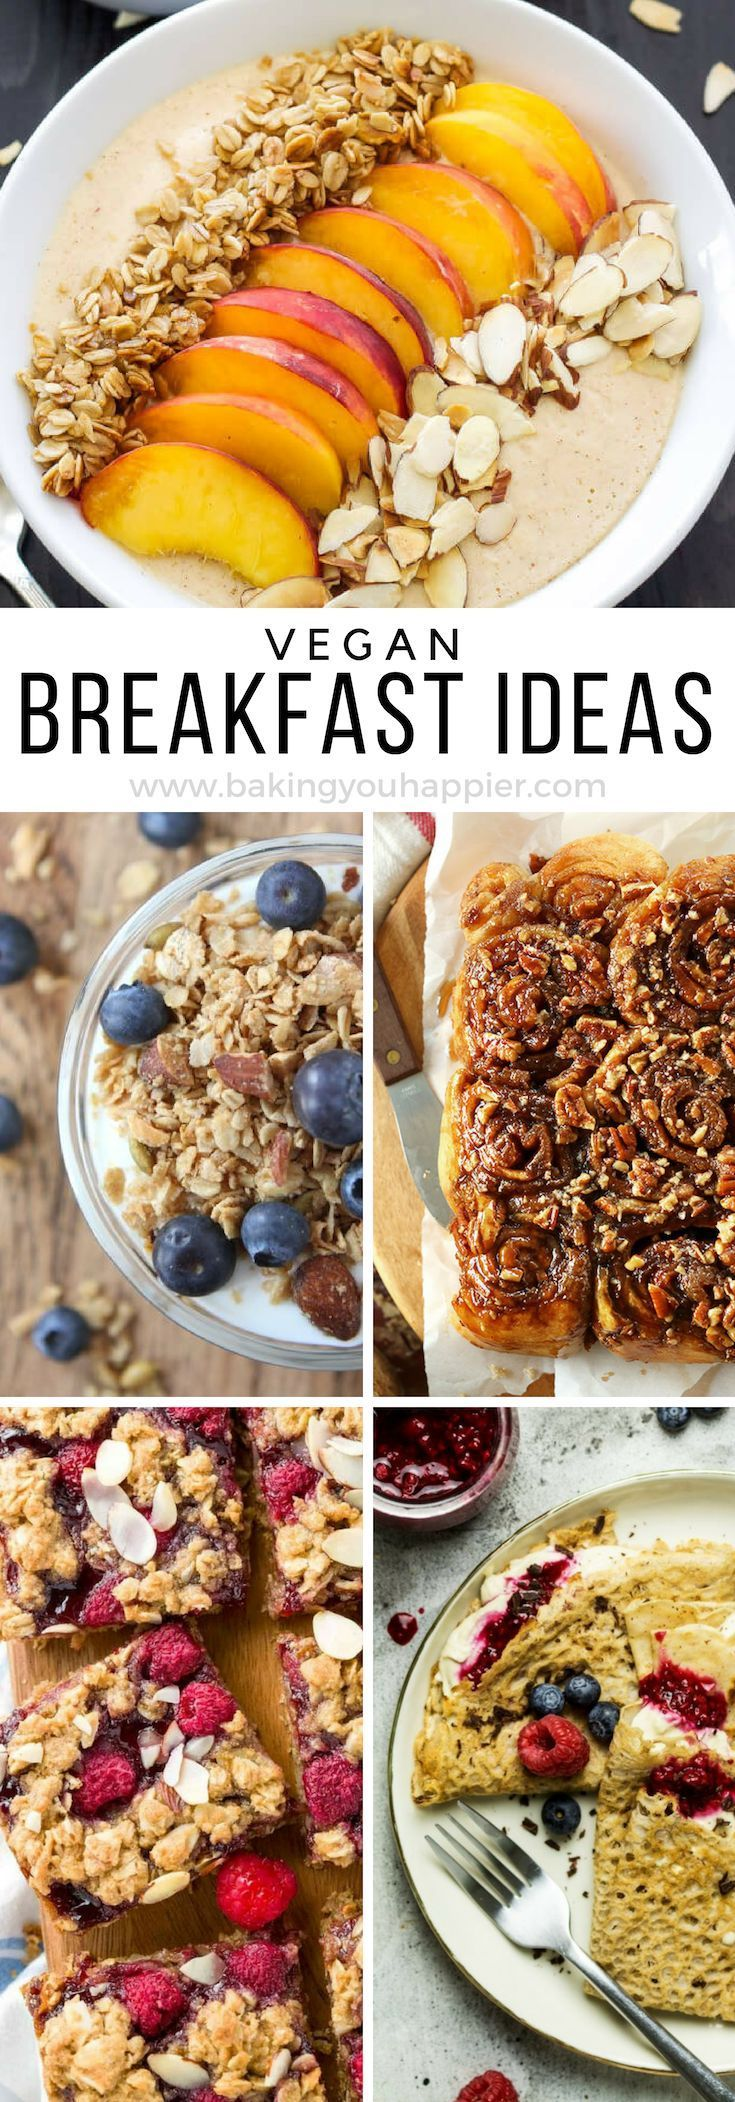 Quick And Easy Vegan Breakfast Ideas Baking You Happier Vegan Breakfast Easy Vegan Recipes Easy Quick Vegan Breakfast